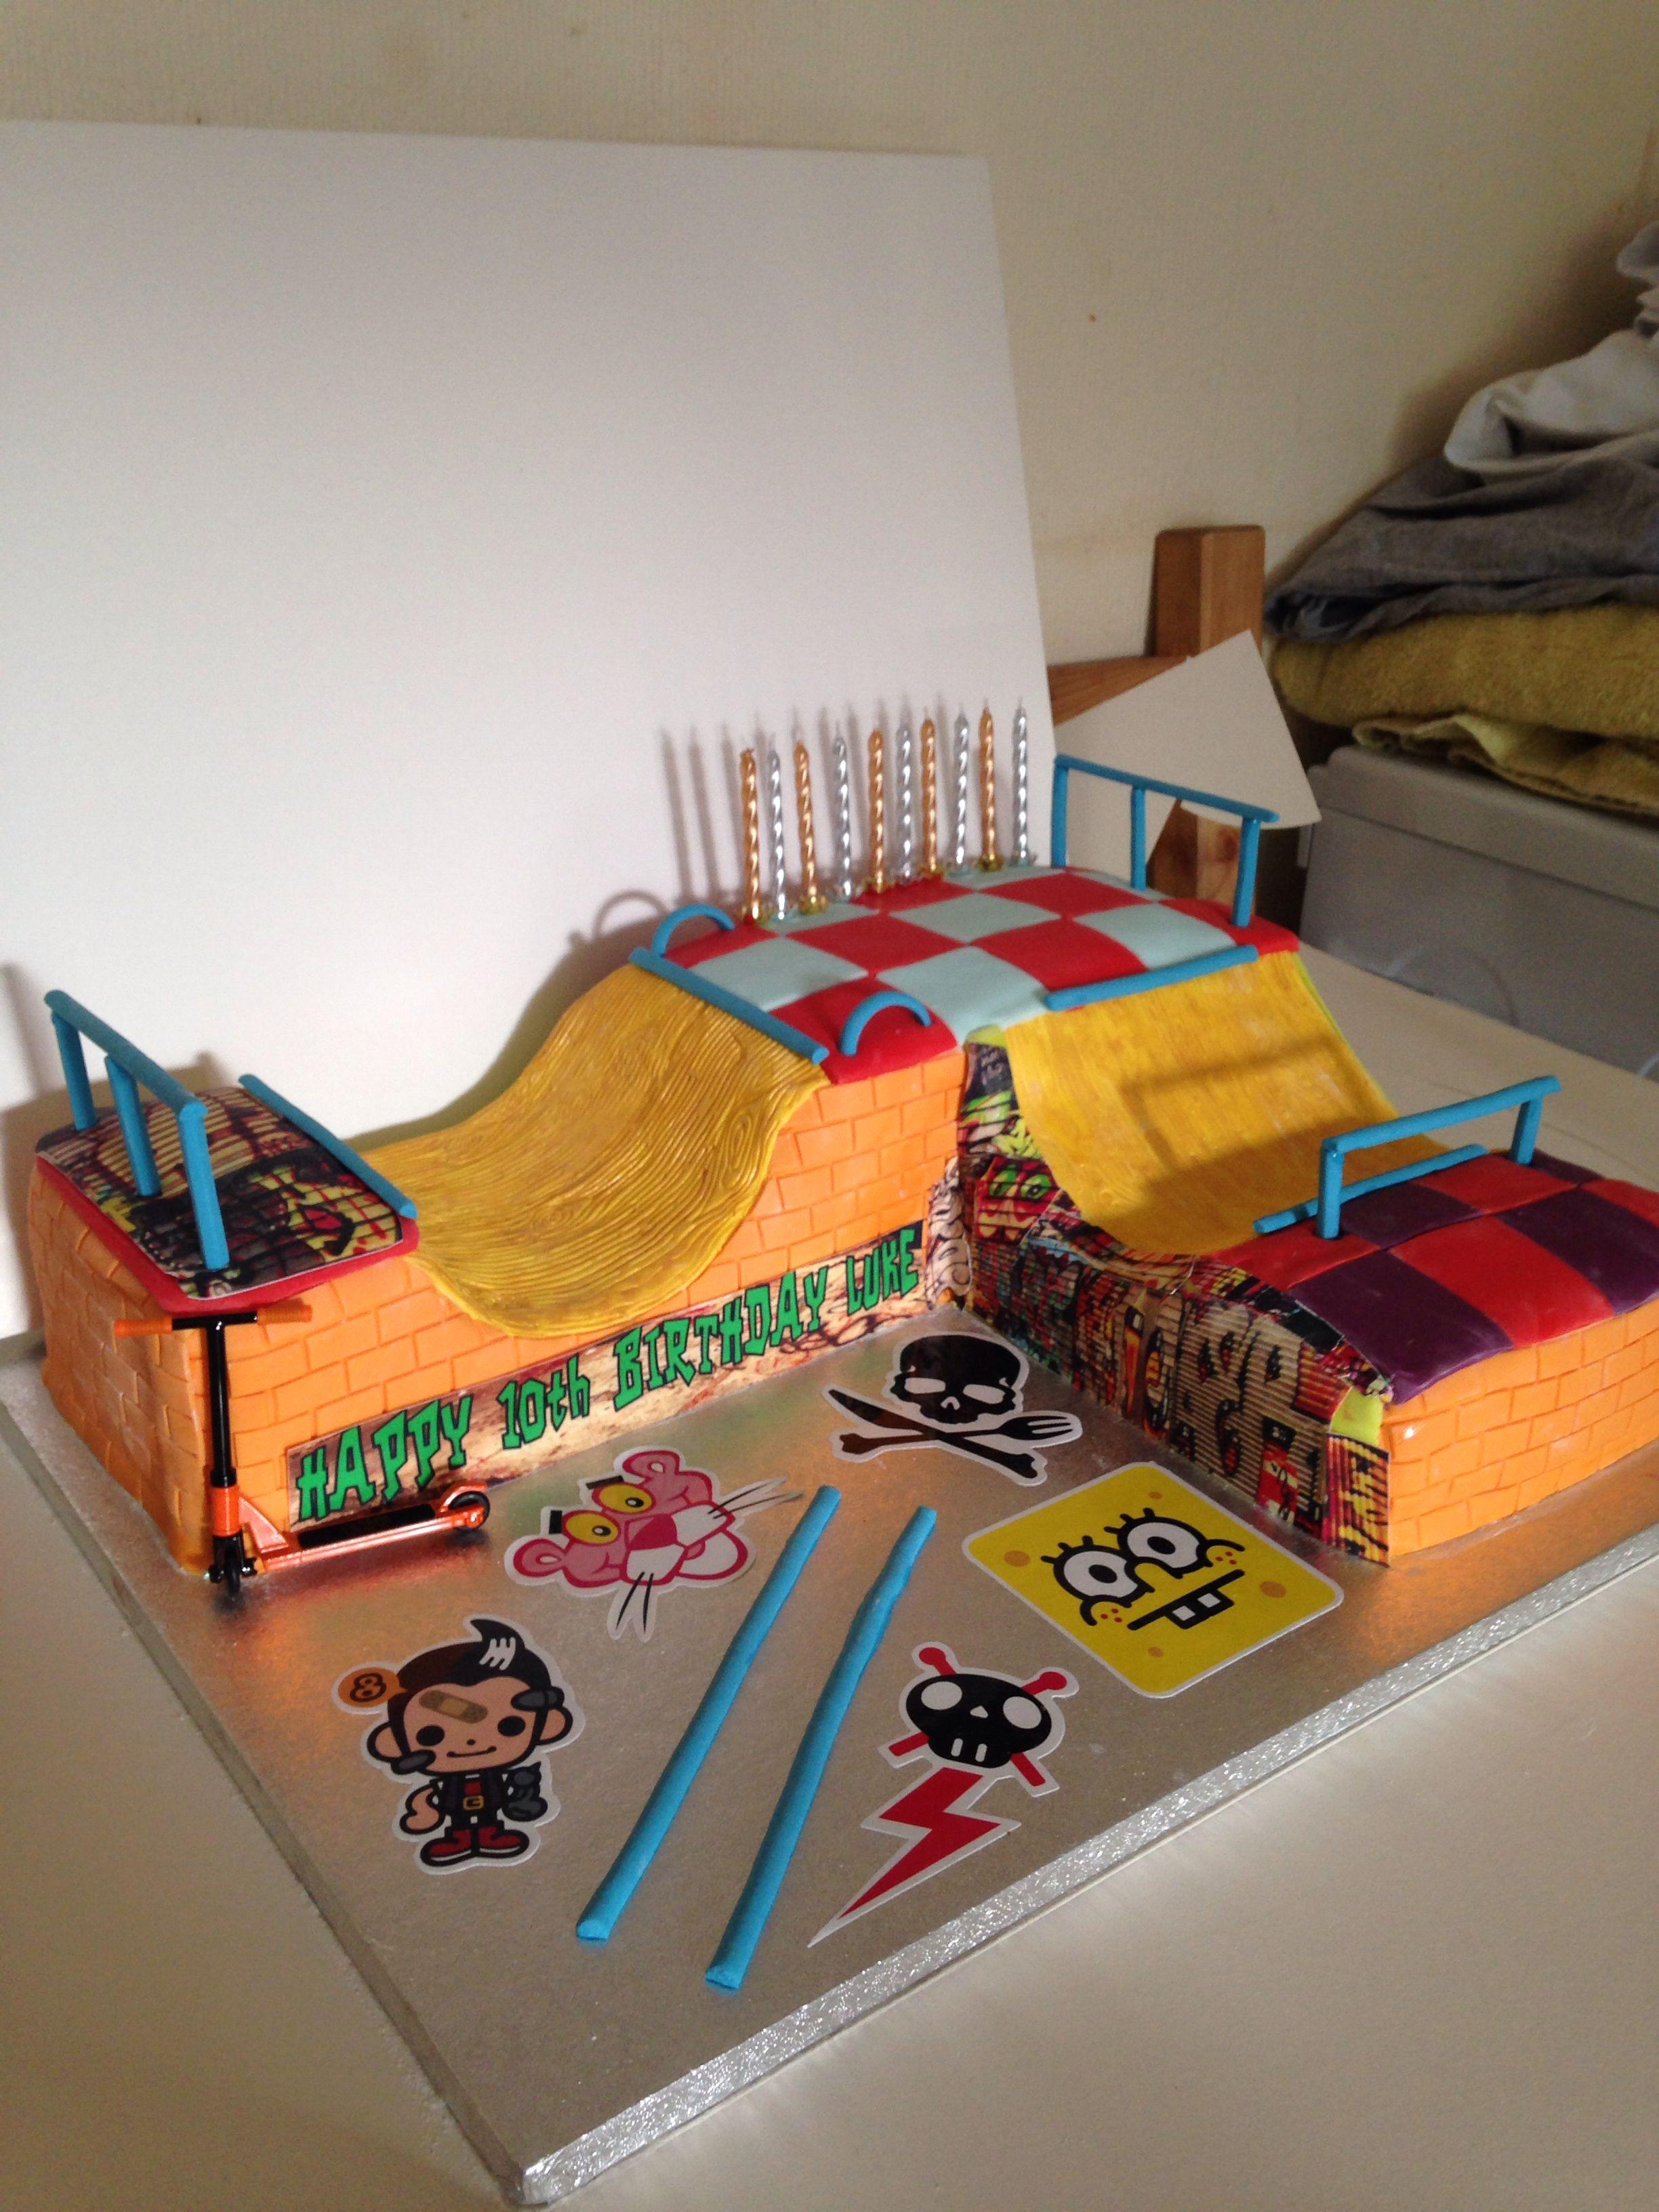 Half Pipe Skateboarding Cake